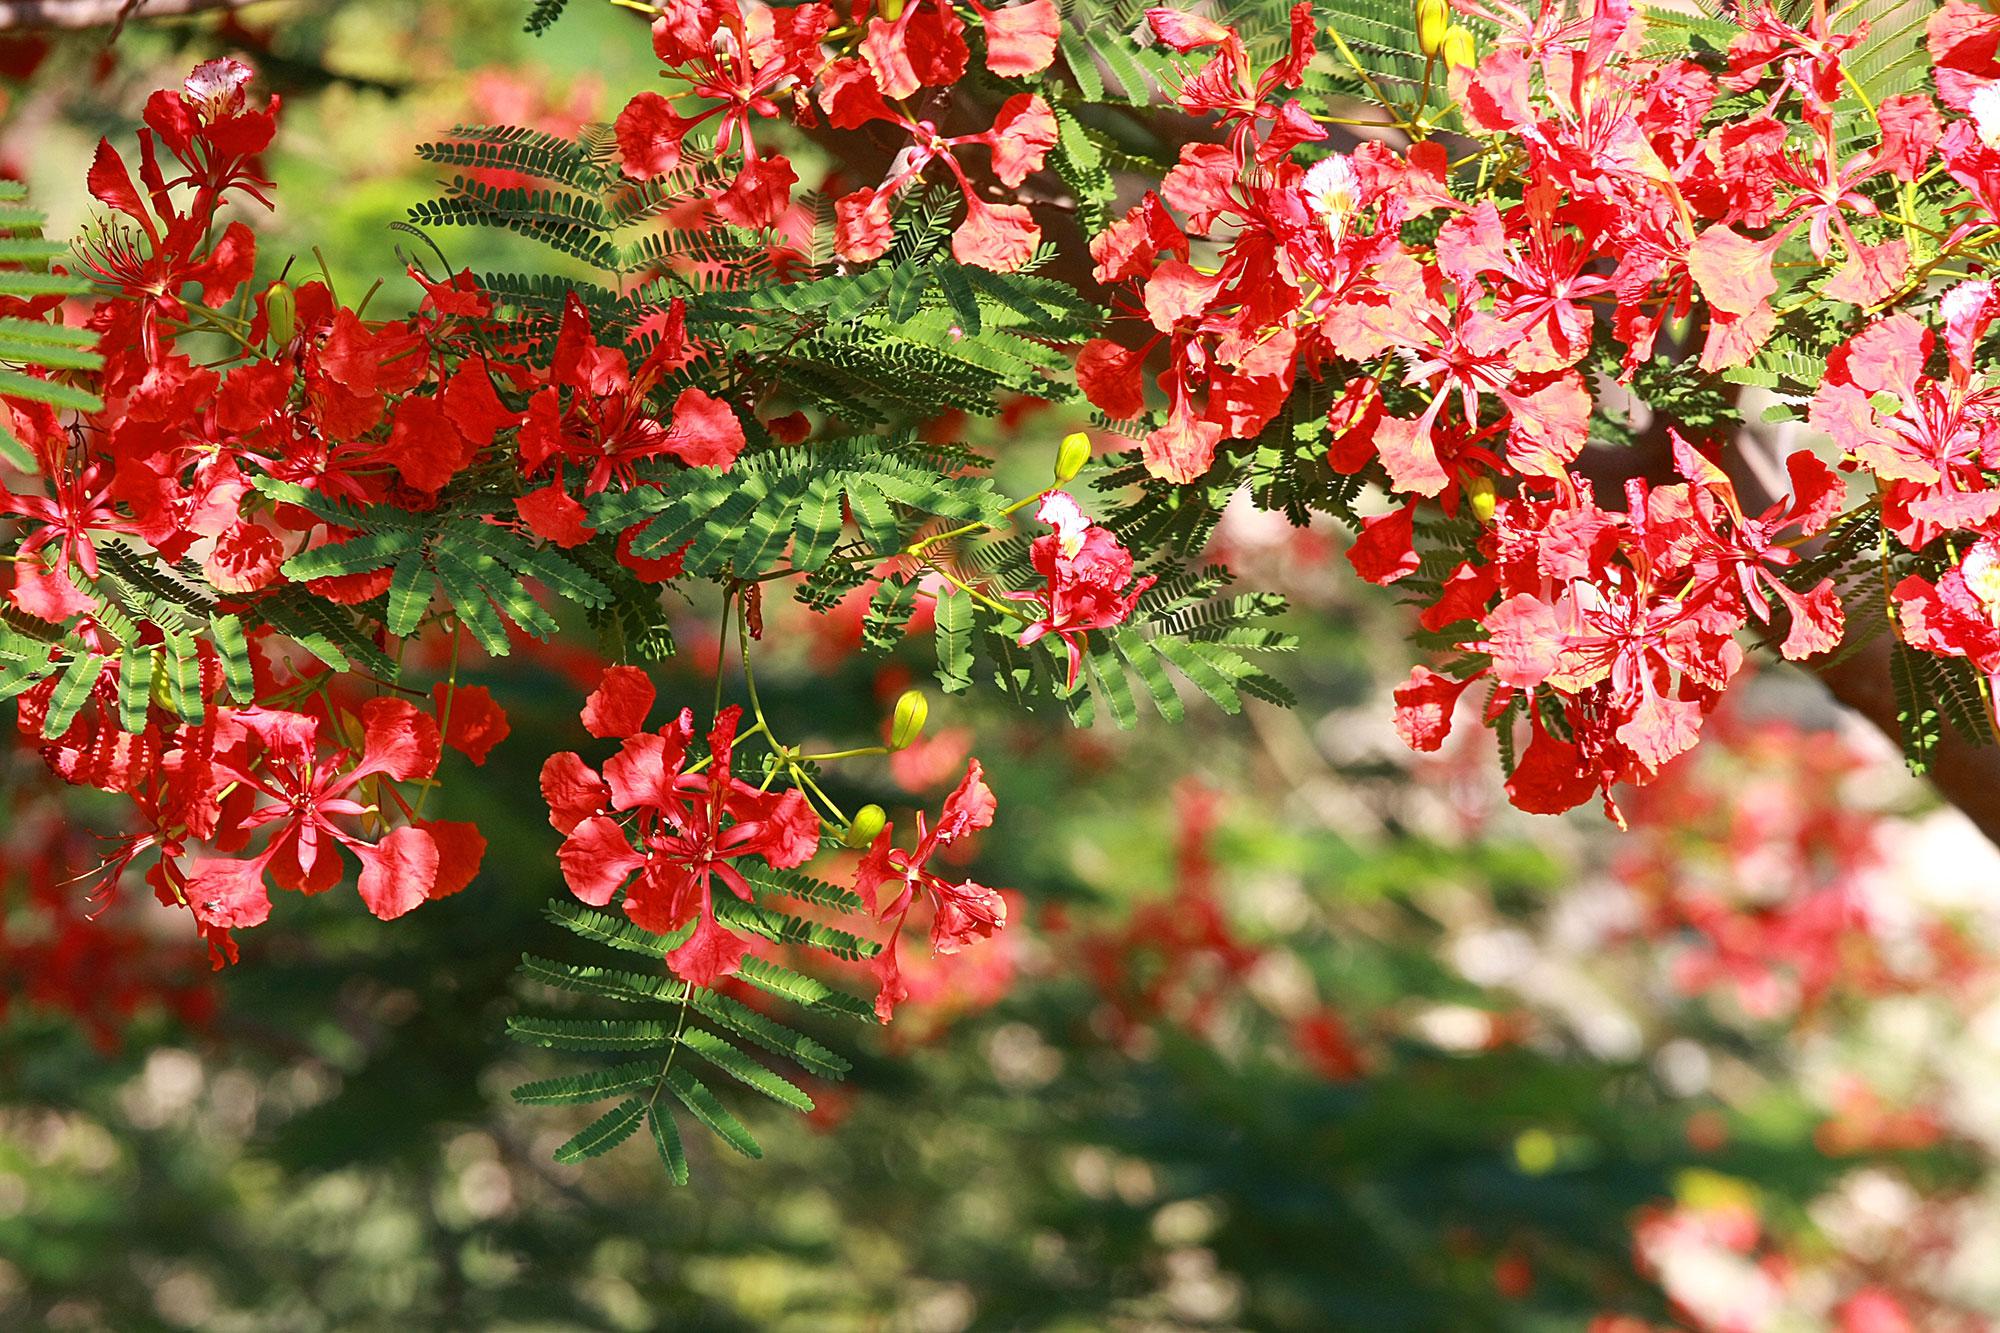 עצים בפריחה